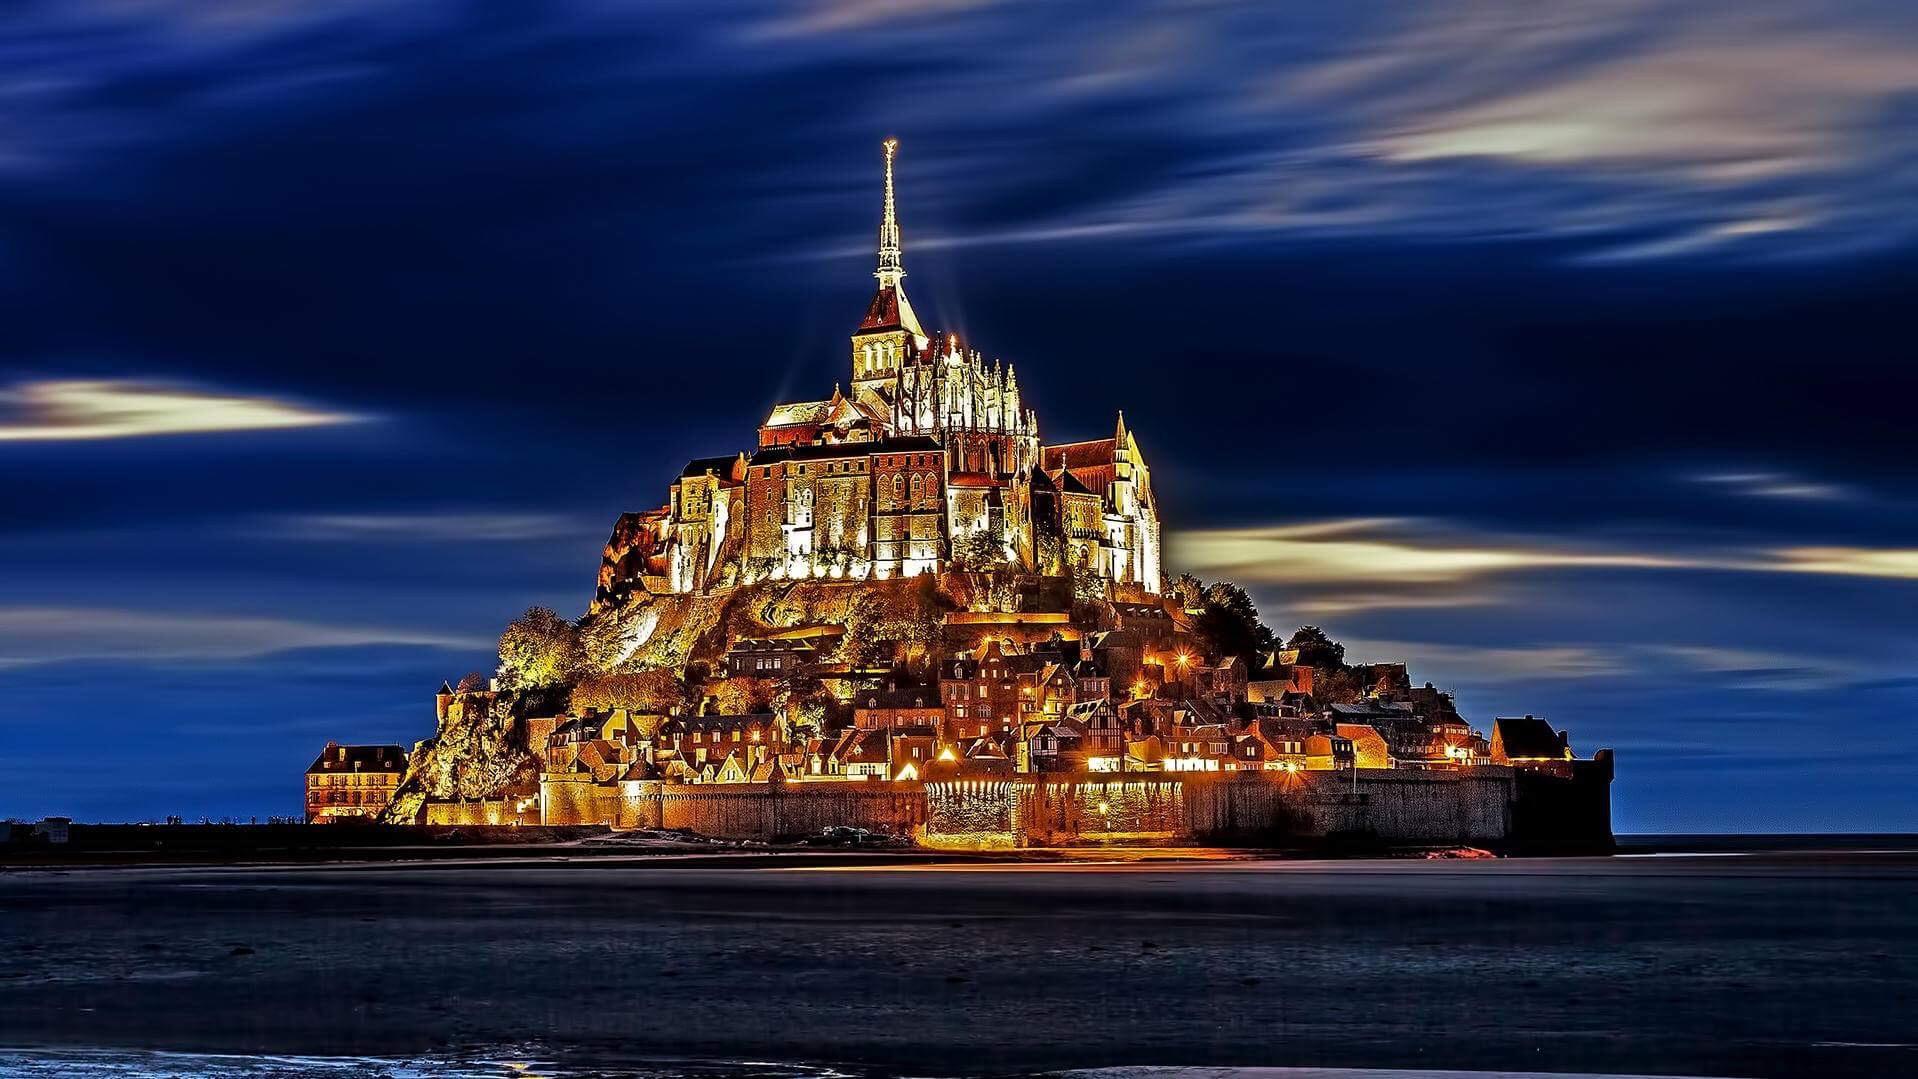 Мон-Сен-Мишель, Нормандия, Франция. Источник фото: sina.com.cn, пользователь wim denijs.